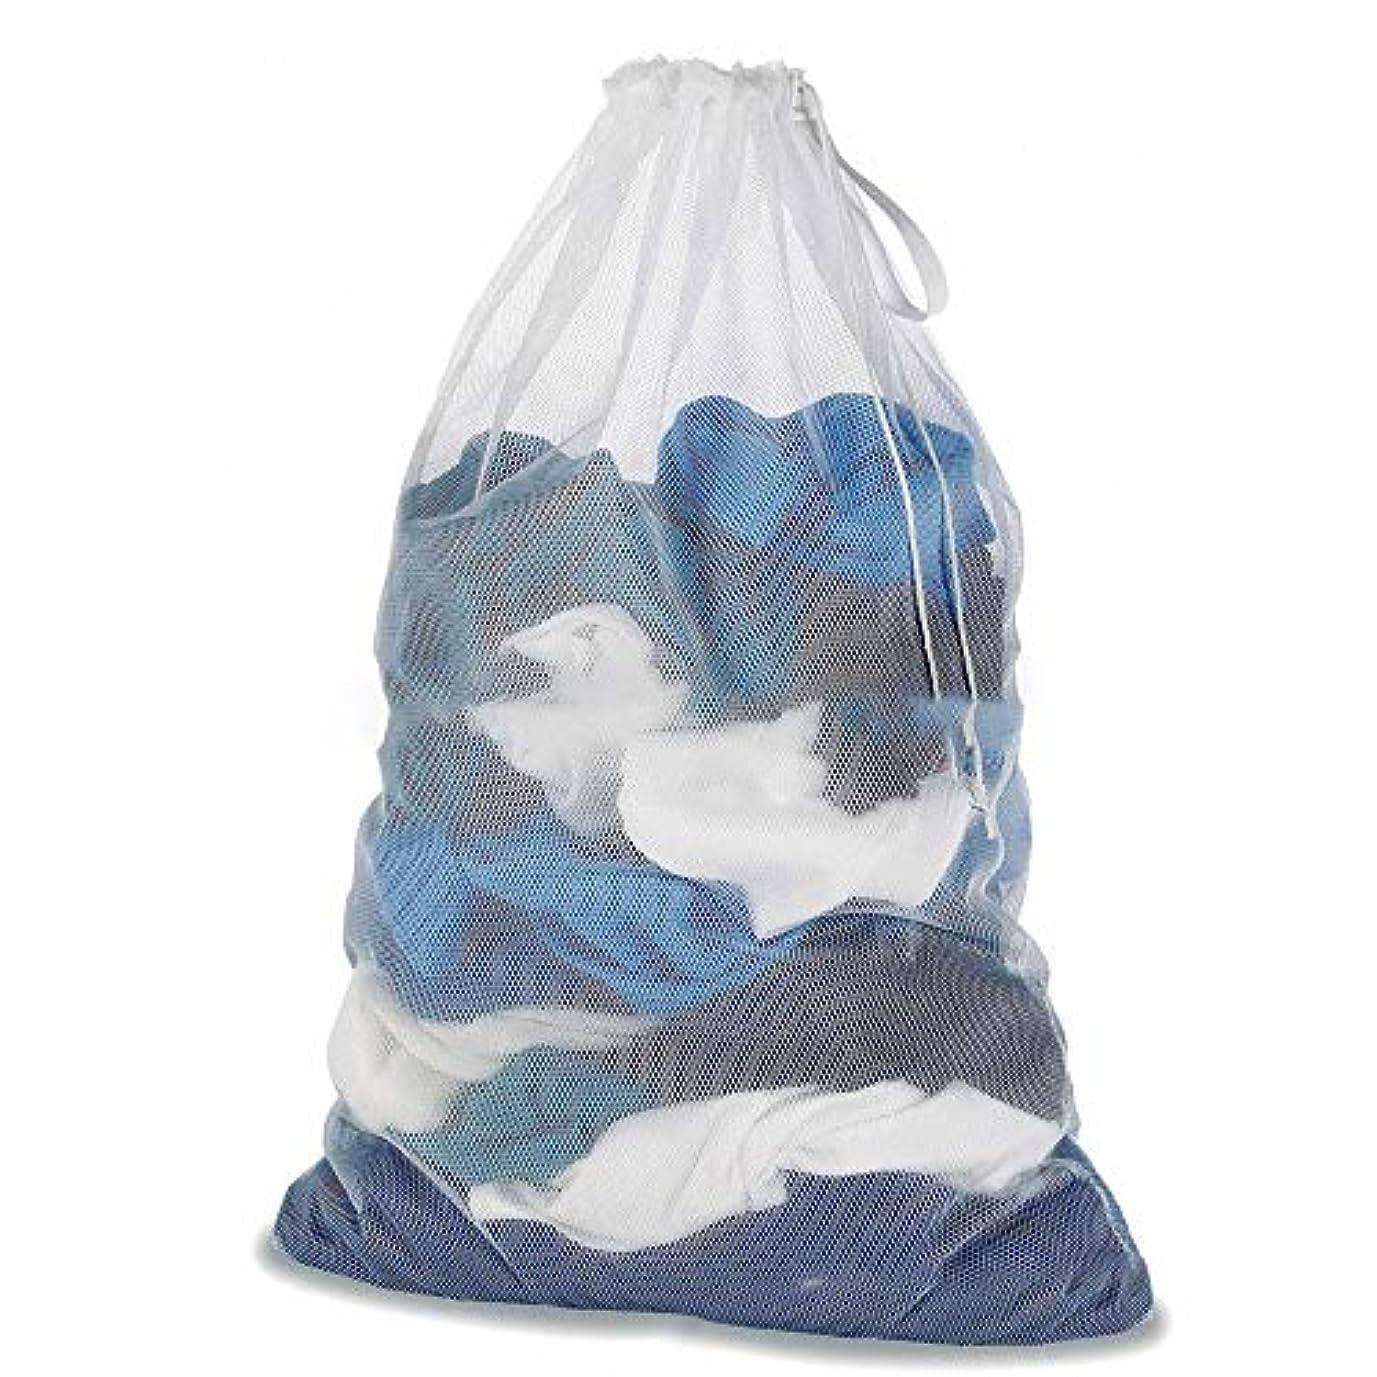 グラマー抑制する窒素赤ん坊の衣服、ドローストリングが付いているジャケットのカーテンのための大きい網の洗濯袋の洗濯袋 (マルチカラー)